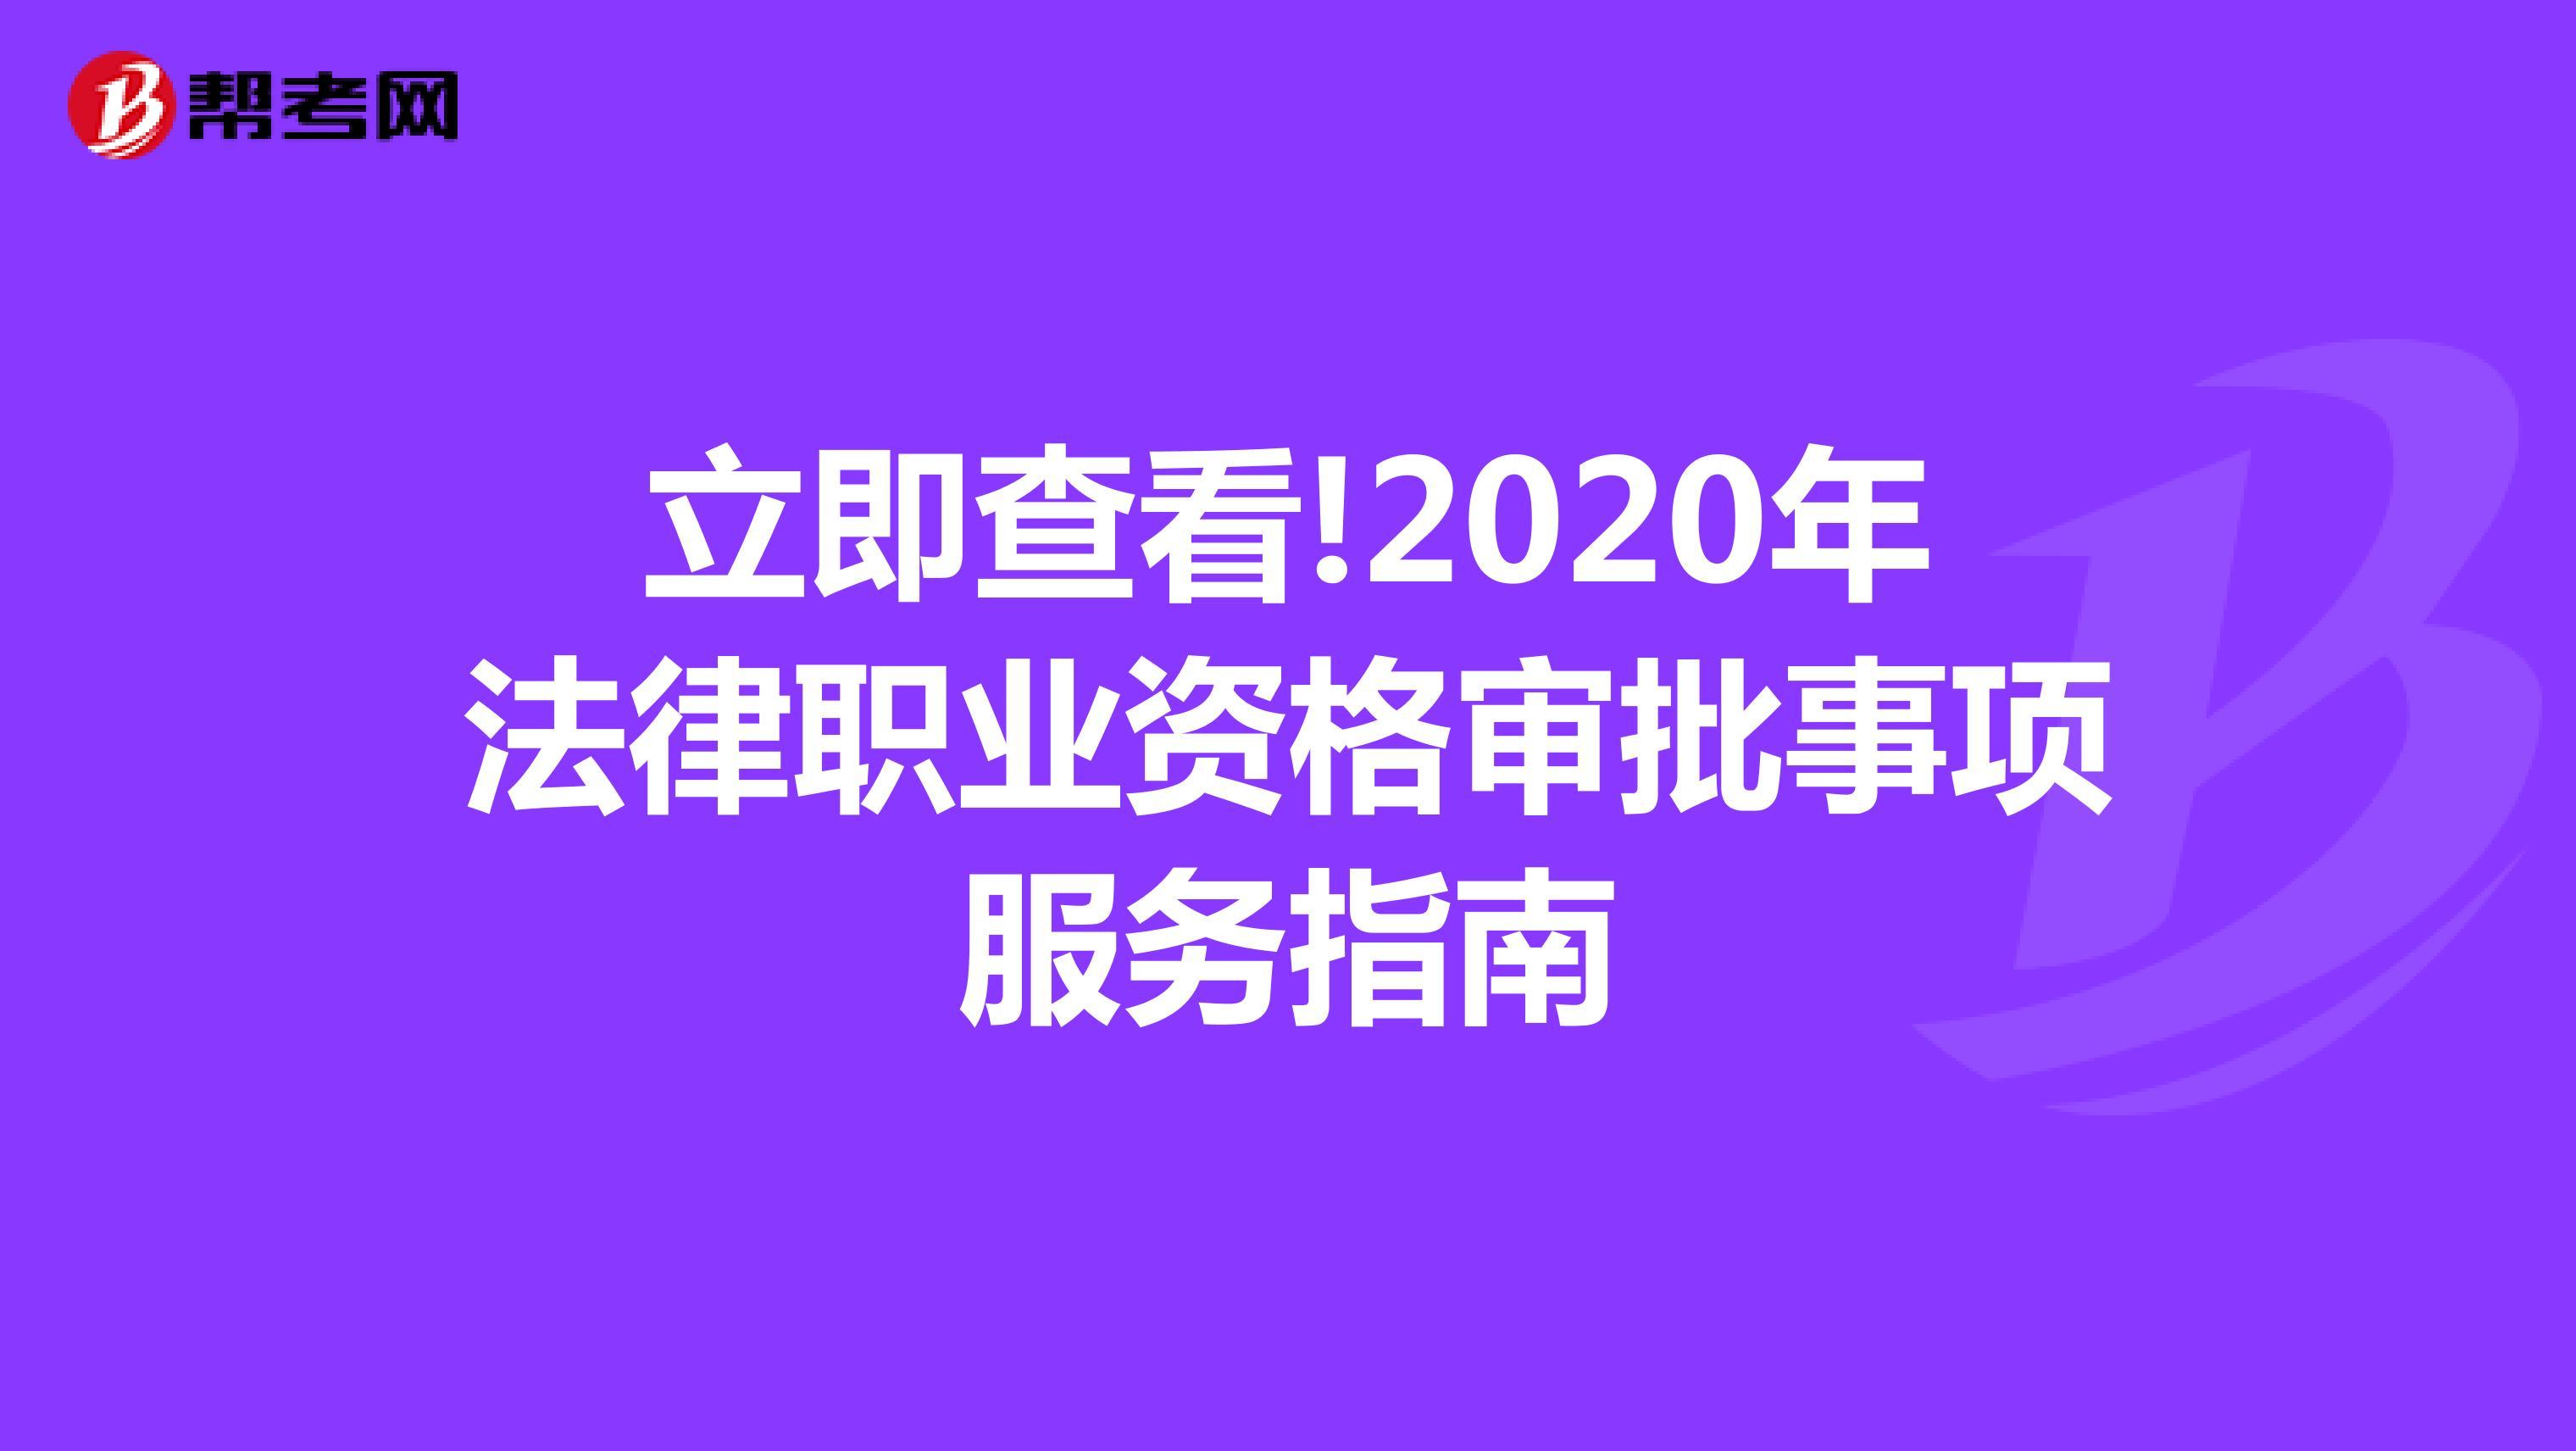 立即查看!2020年法律职业资格审批事项服务指南